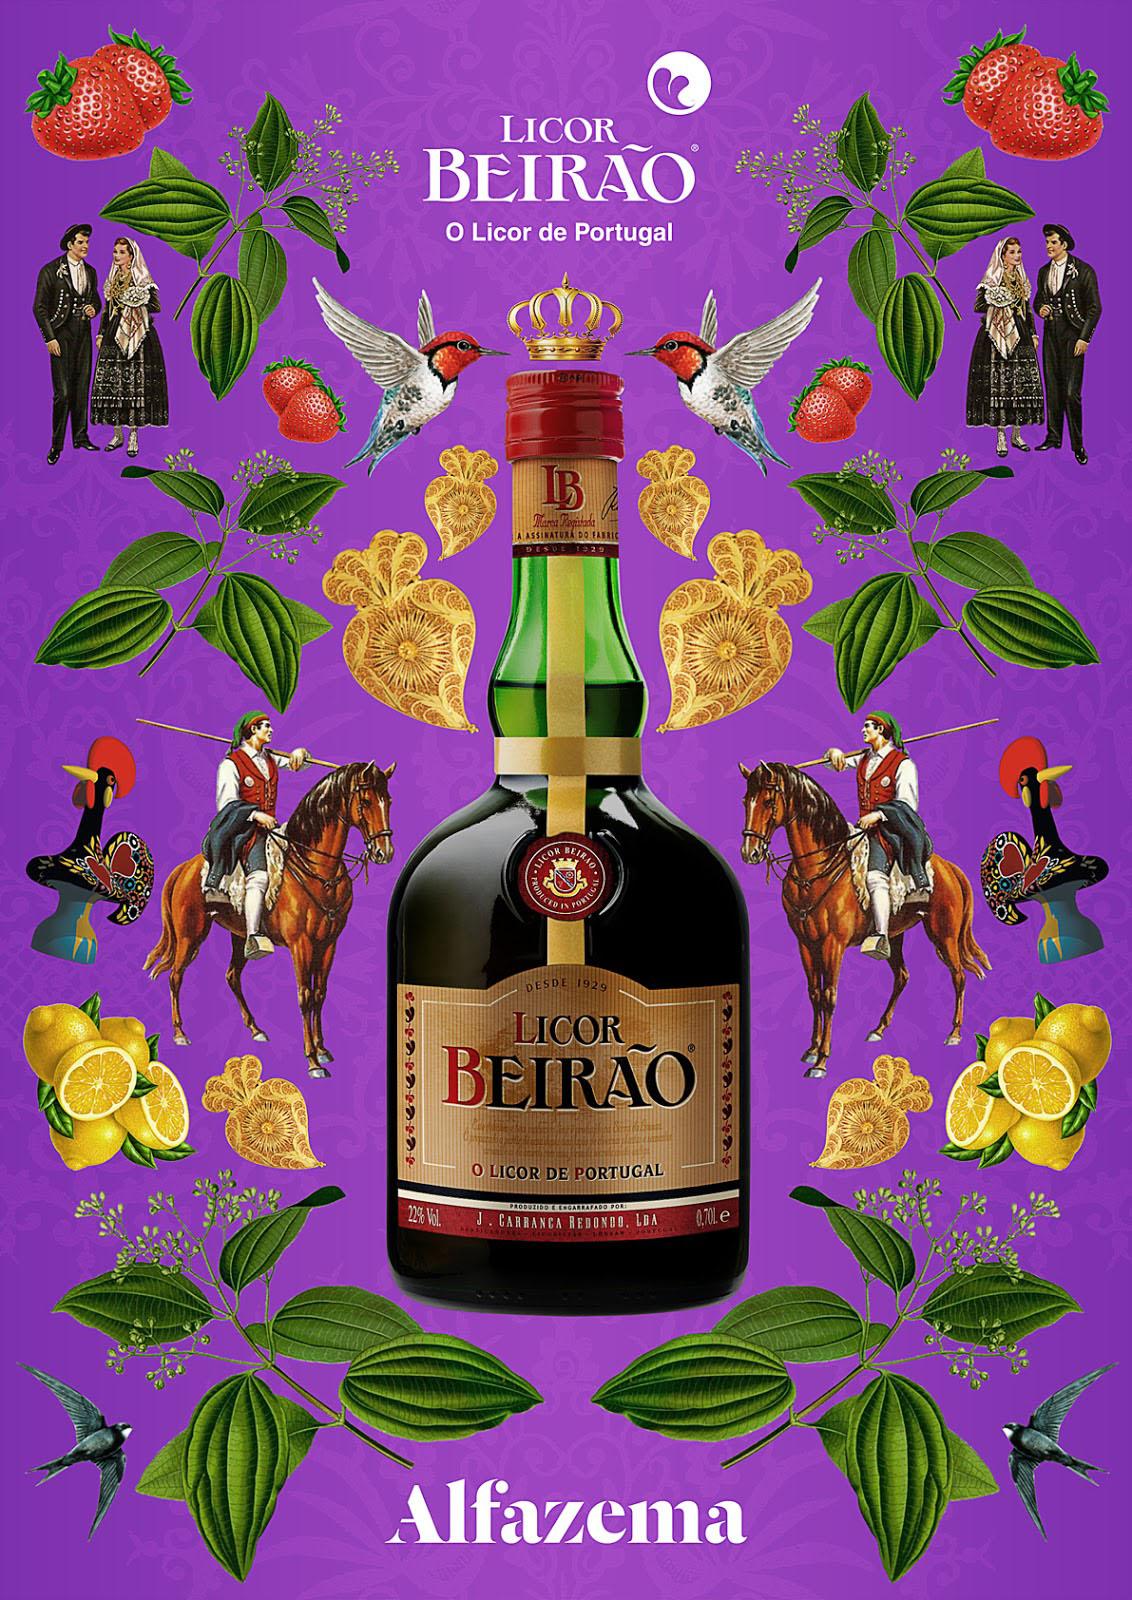 LICOR-BEIRAO-02